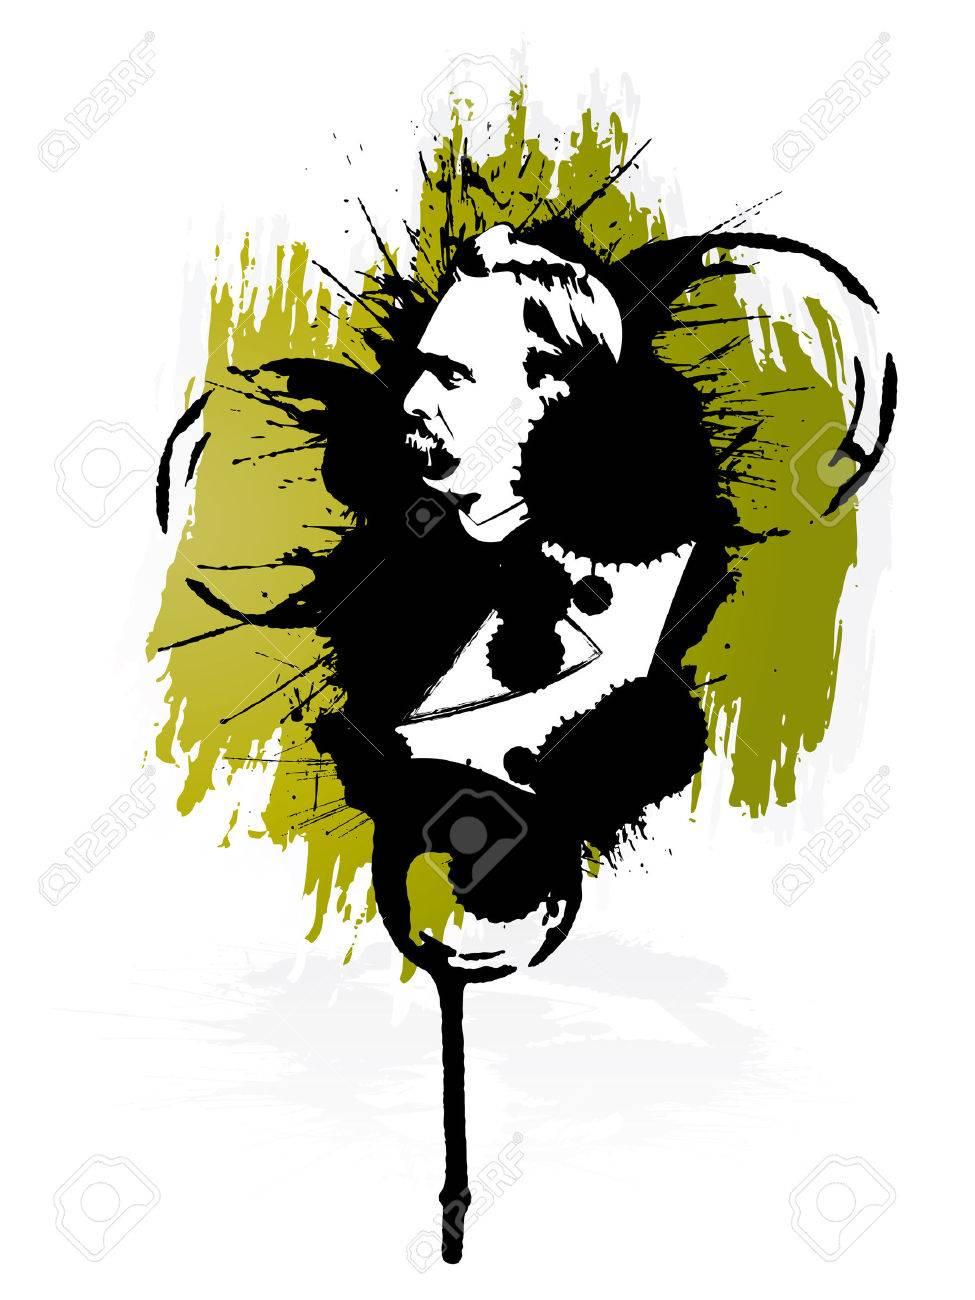 Vector illustration of the German philosopher Friedrich Nietzsche in grunge retro splatter style. Design element. - 4074174